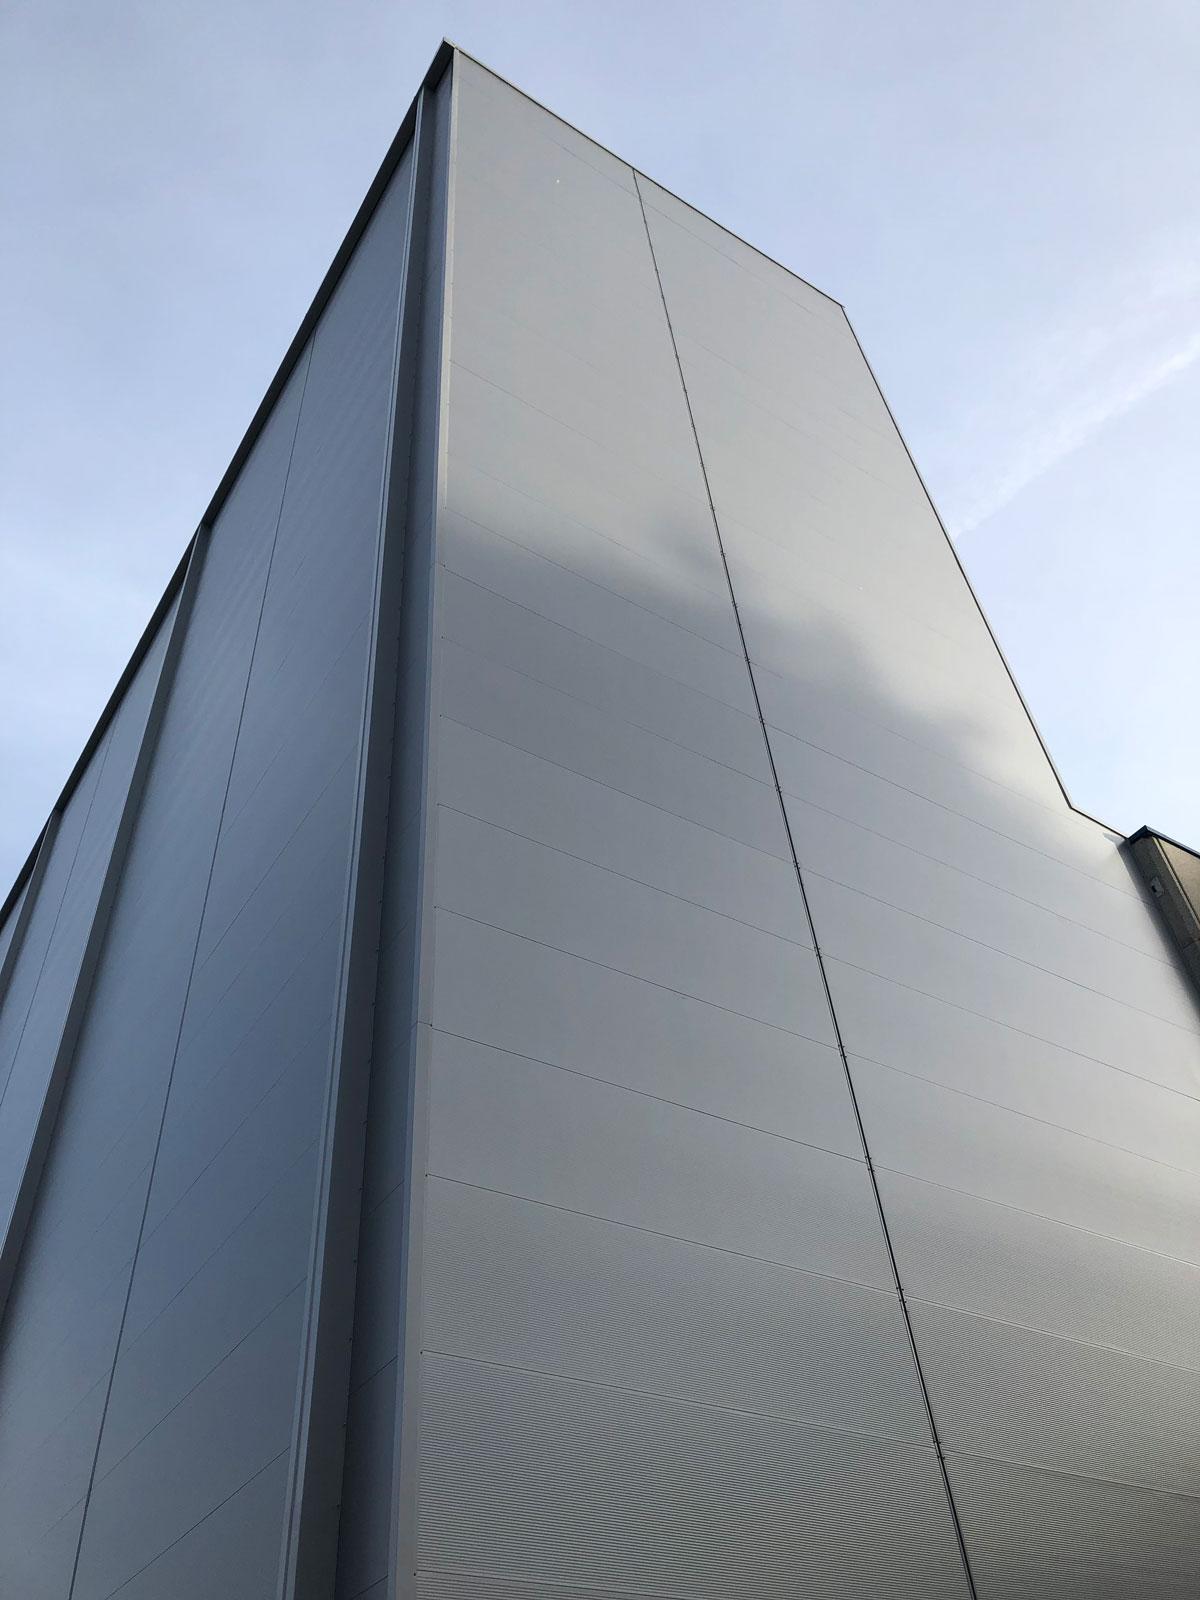 New automated warehouse for pallets - Leku-ona - Leku-ona